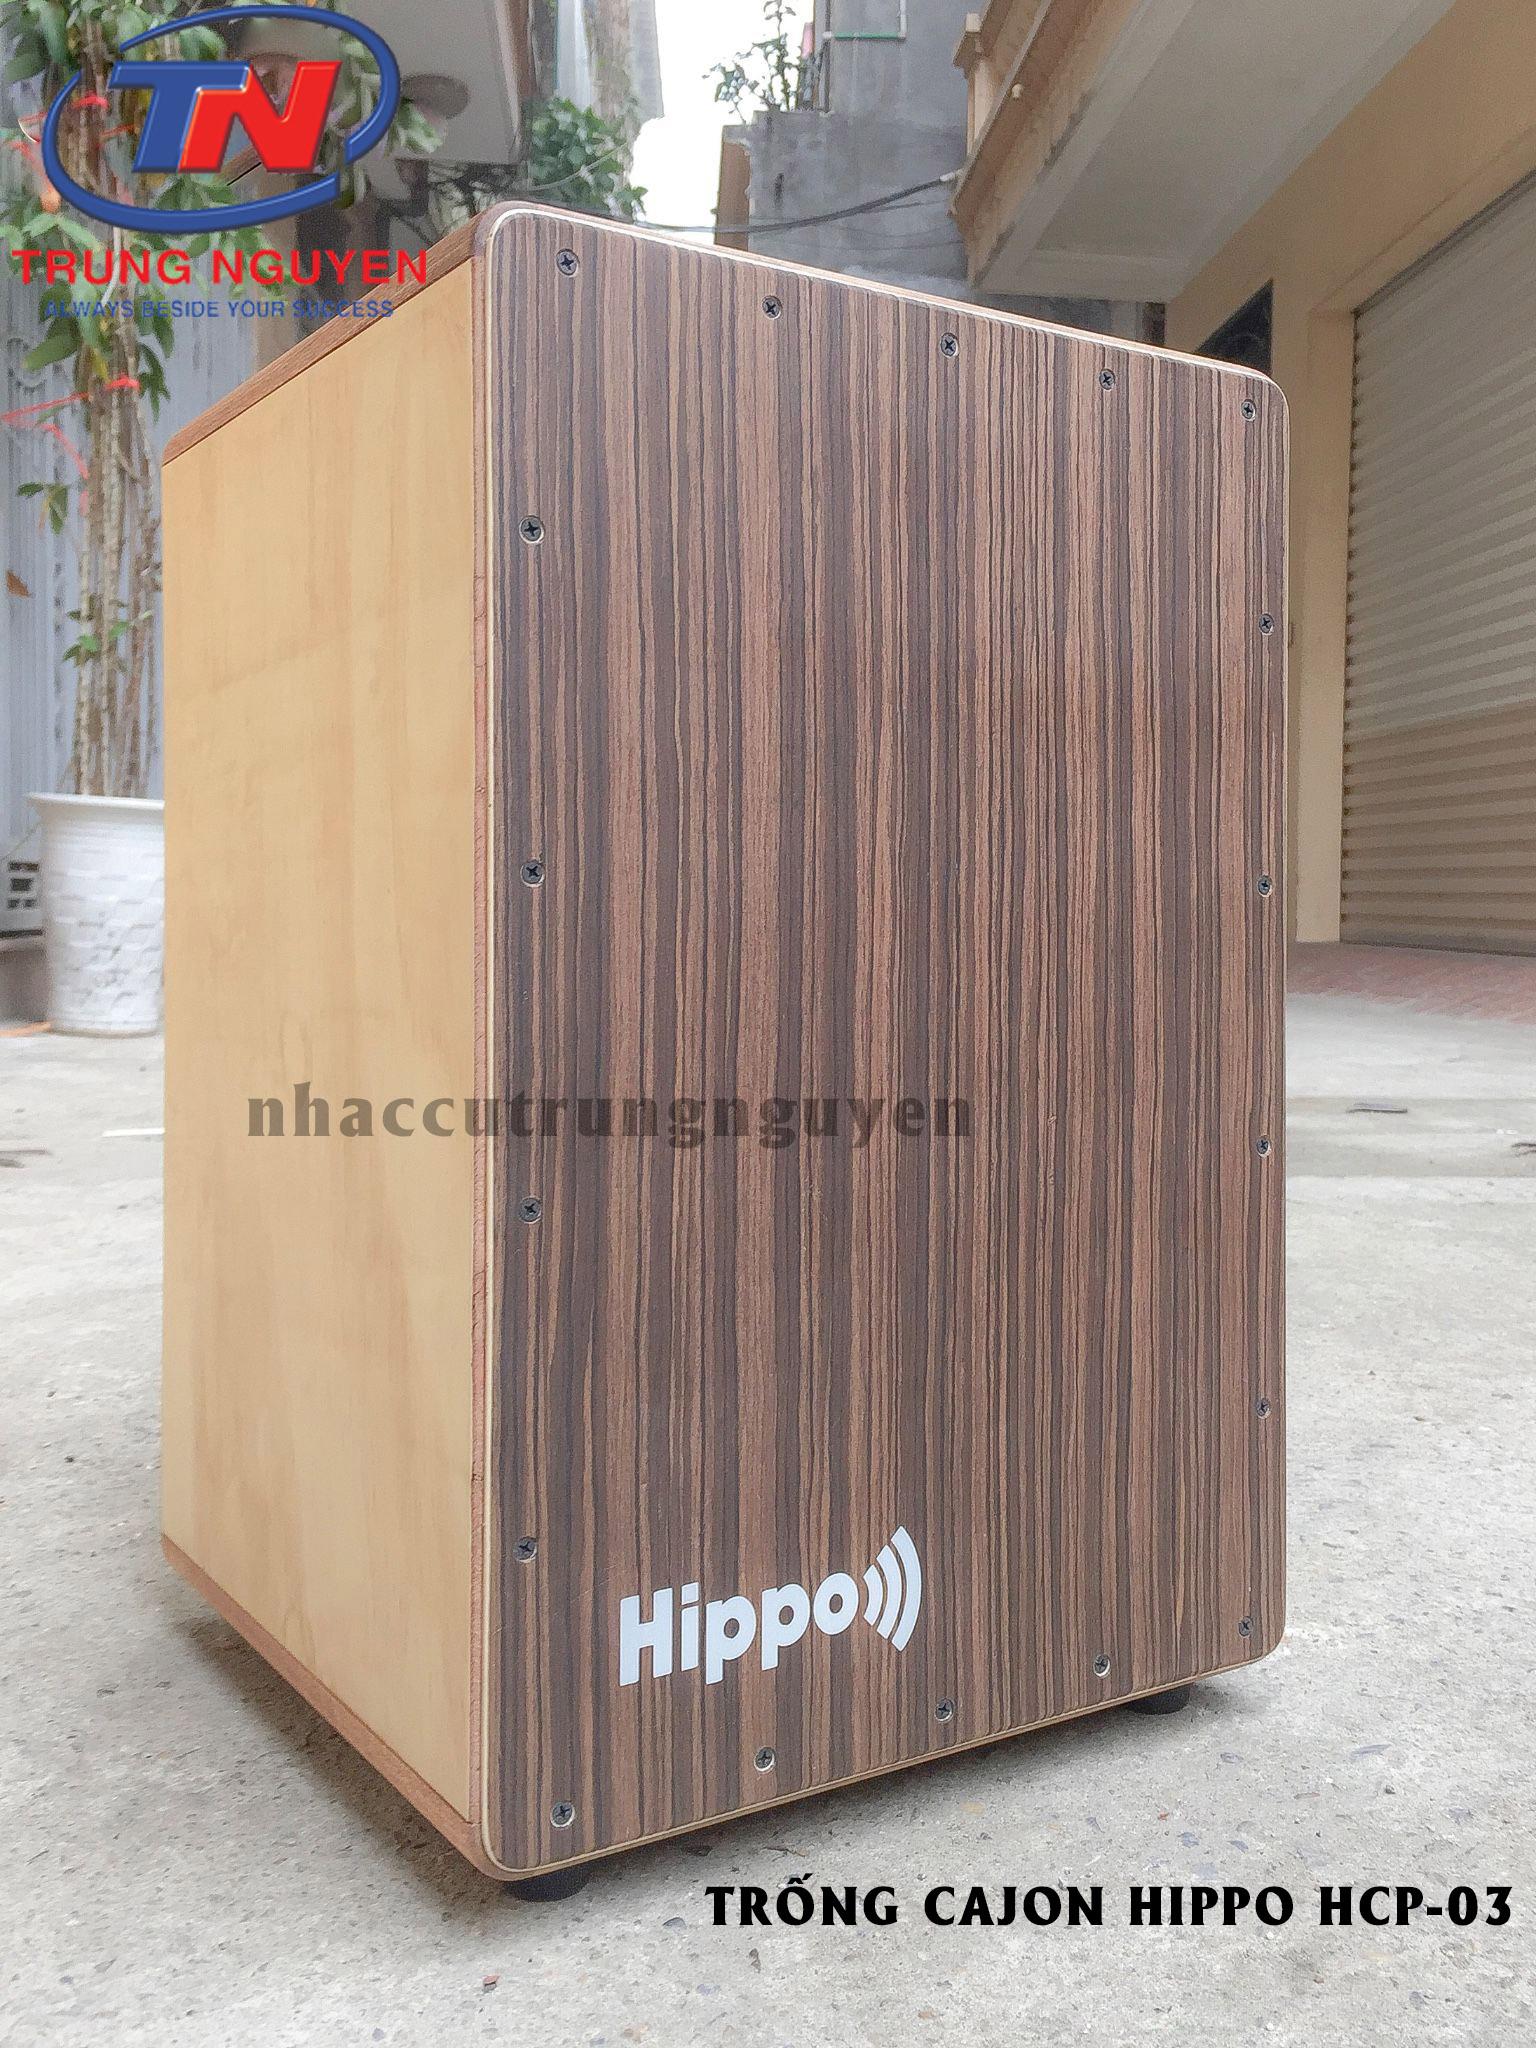 TRỐNG CAJON HIPPO HCP-03. Nhạc cụ Trung Nguyên Chuyên Nhạc cụ.